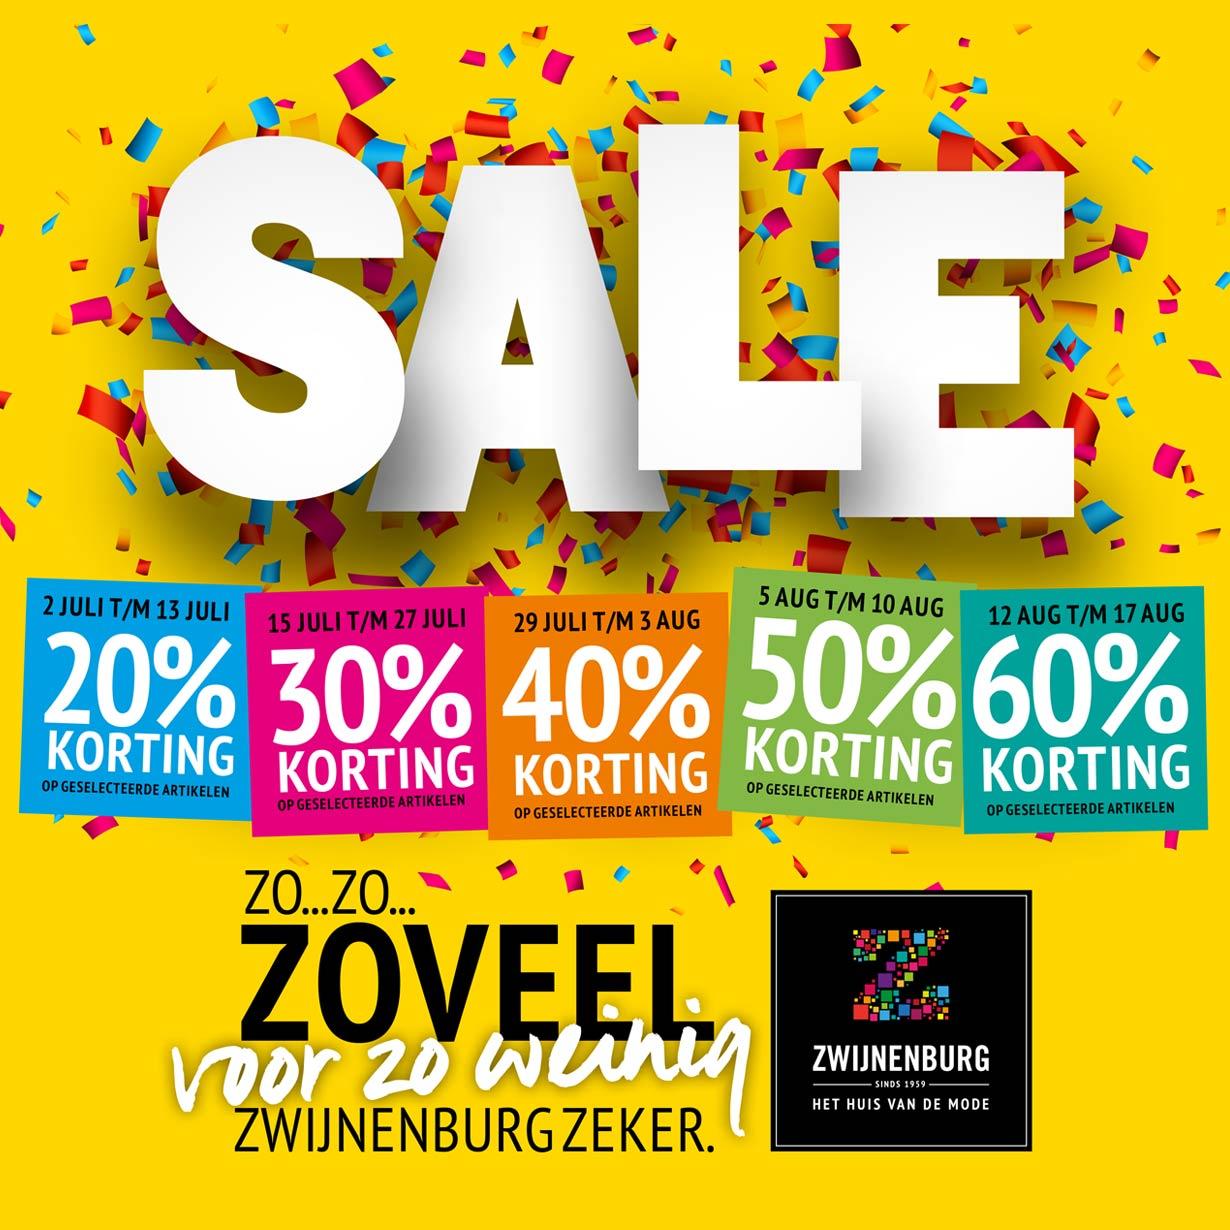 5456ae97a96ce8 Online kleding kopen doe je bij Zwijnenburg mode.